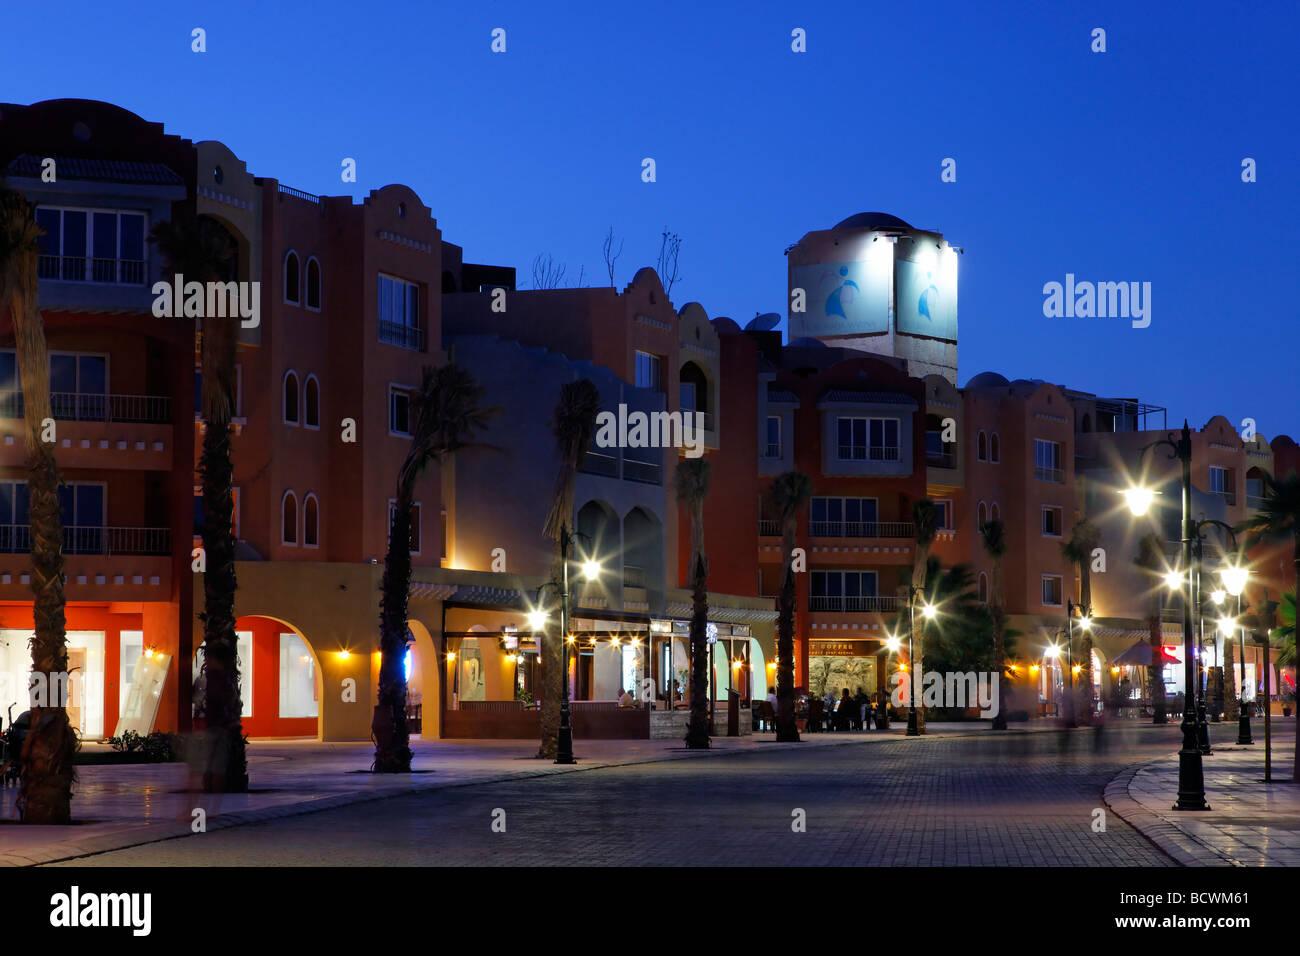 Case con pub, illuminato, sera, Marina, Hurghada, Egitto, Mare Rosso, Africa Immagini Stock